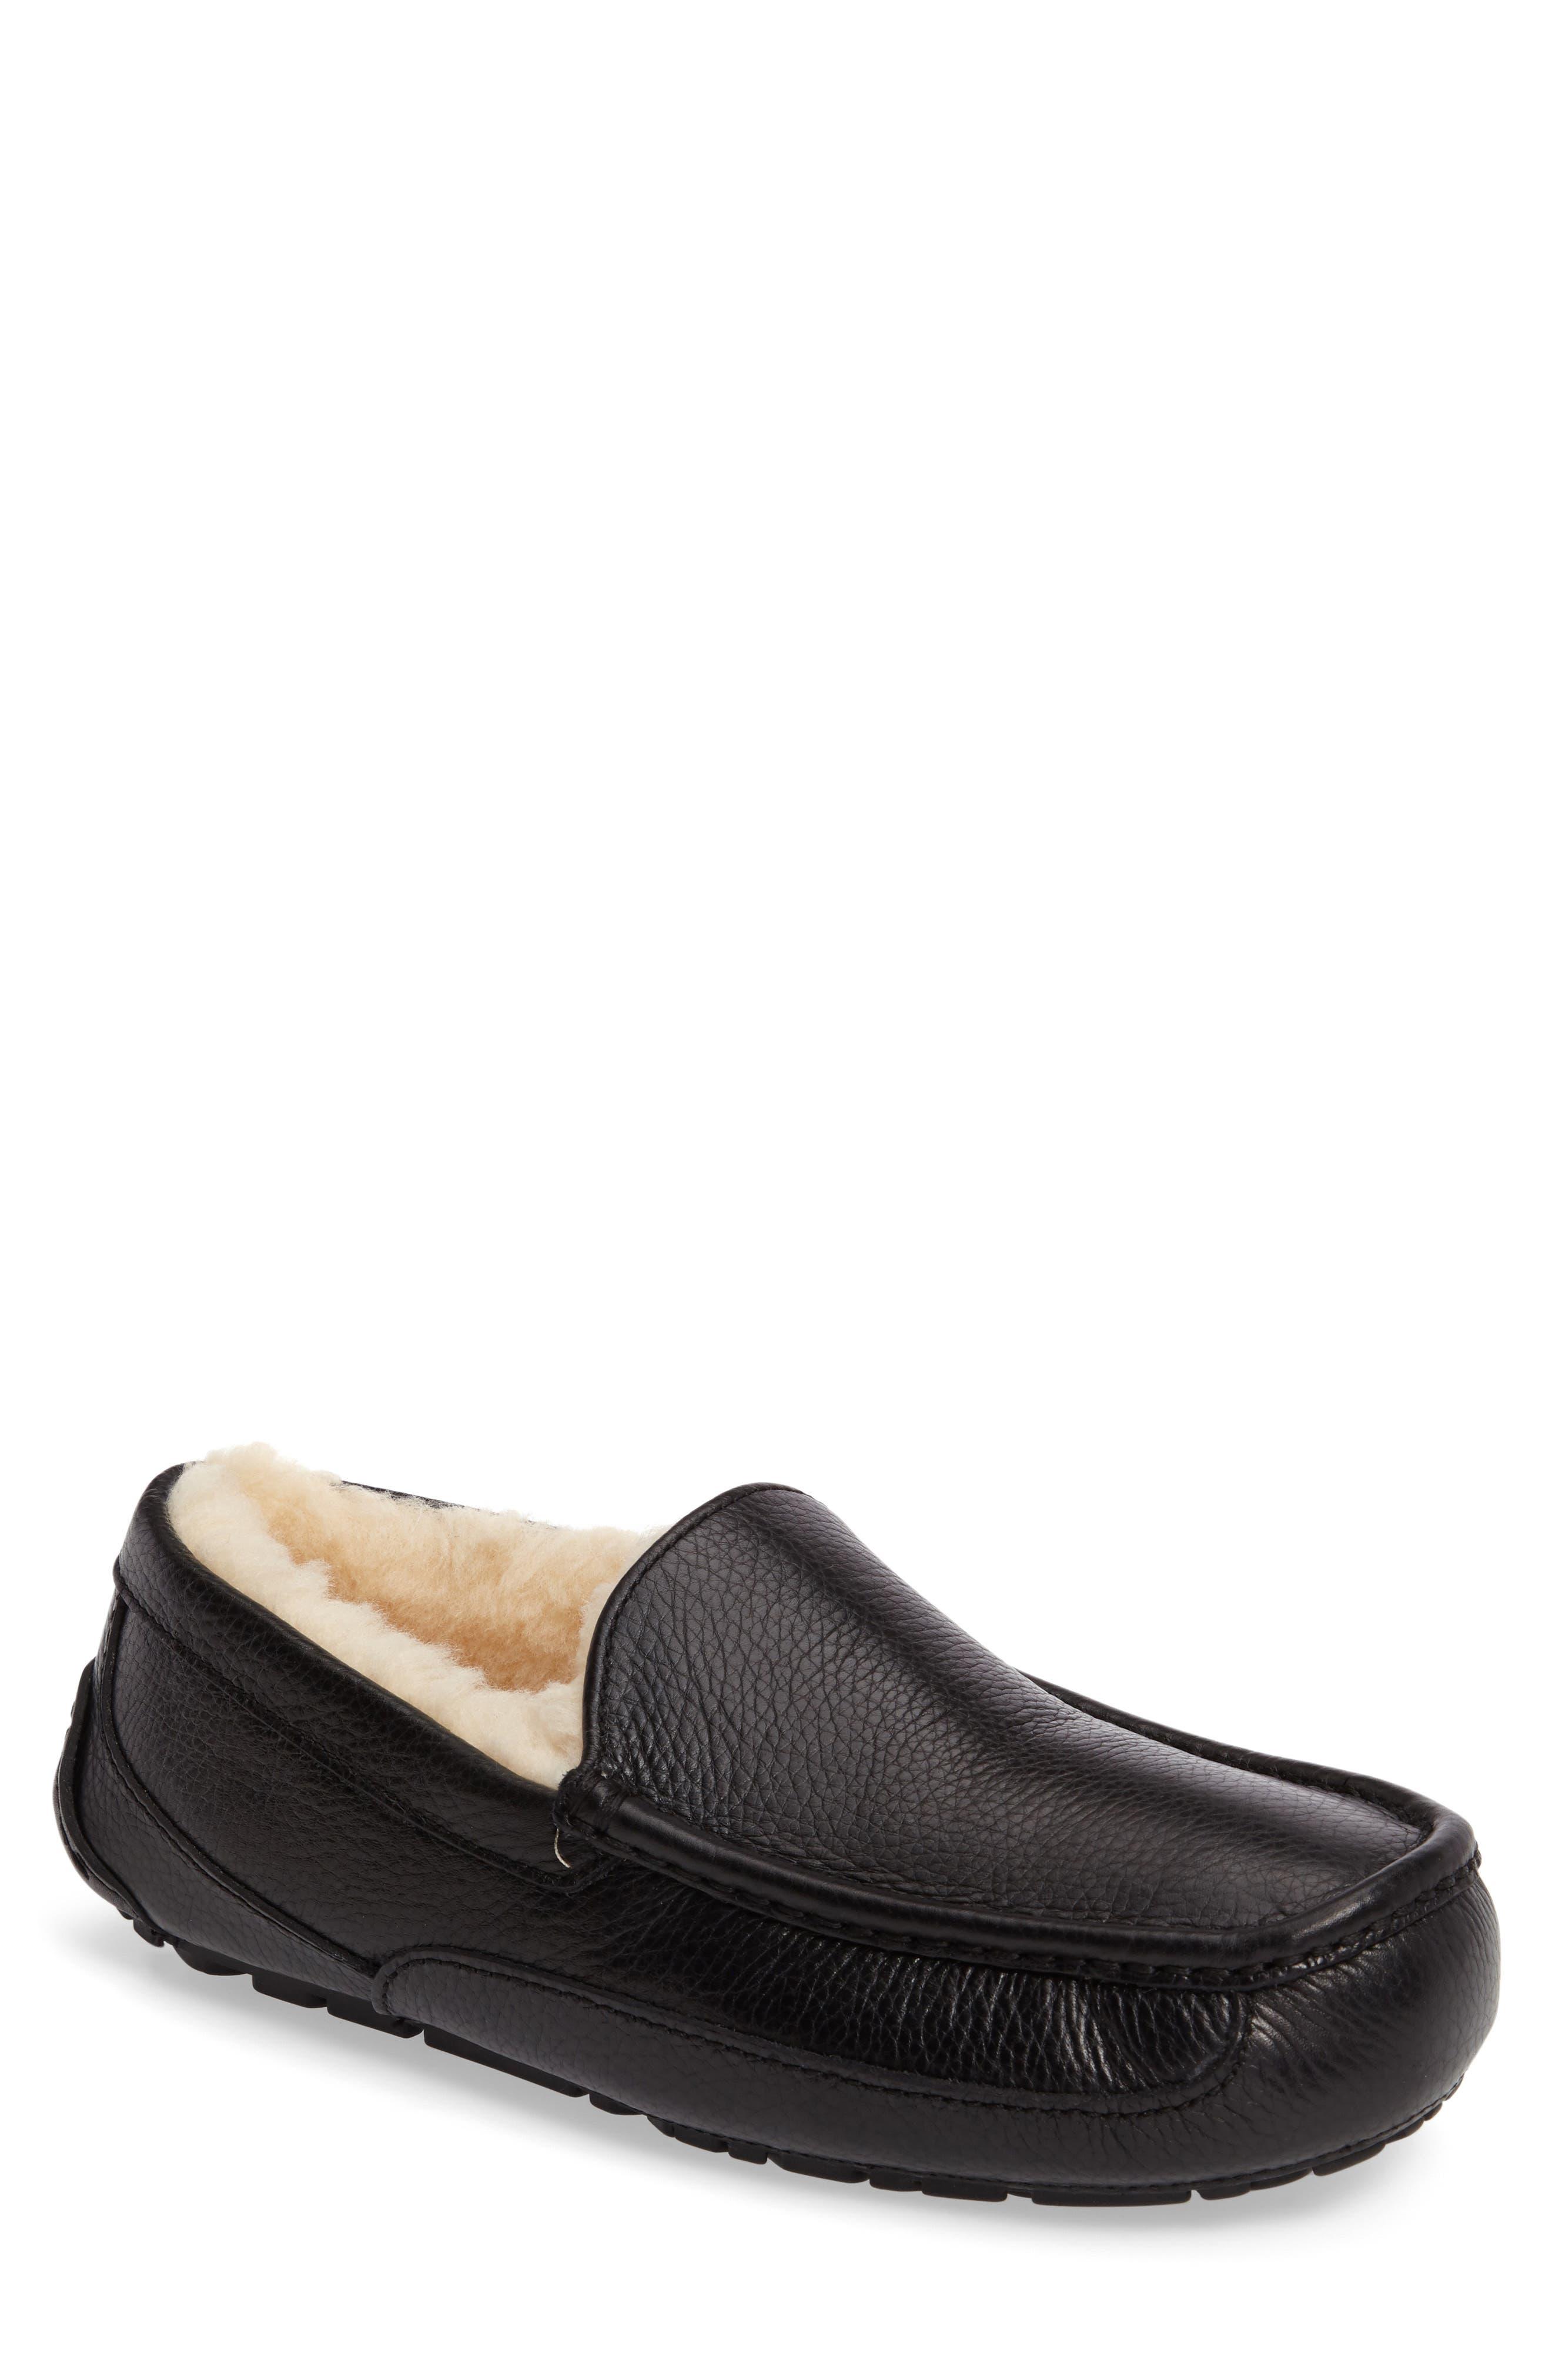 Ascot Leather Slipper, Main, color, BLACK